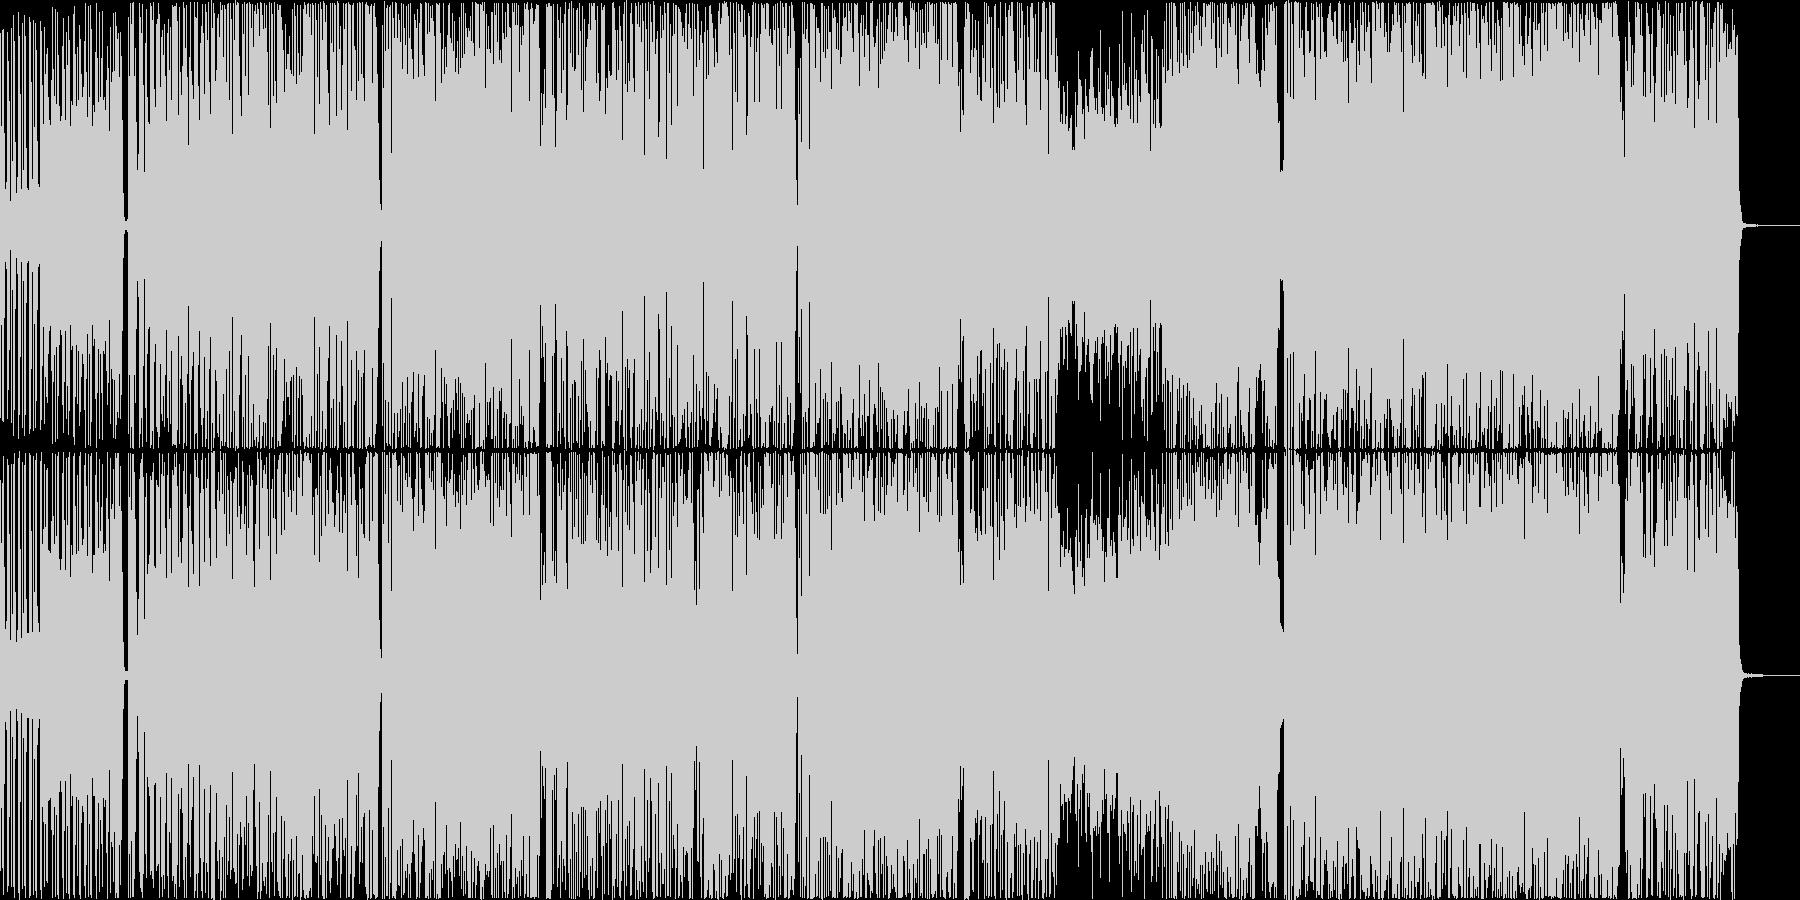 ゴージャス&ソウルフルなファンクロックの未再生の波形